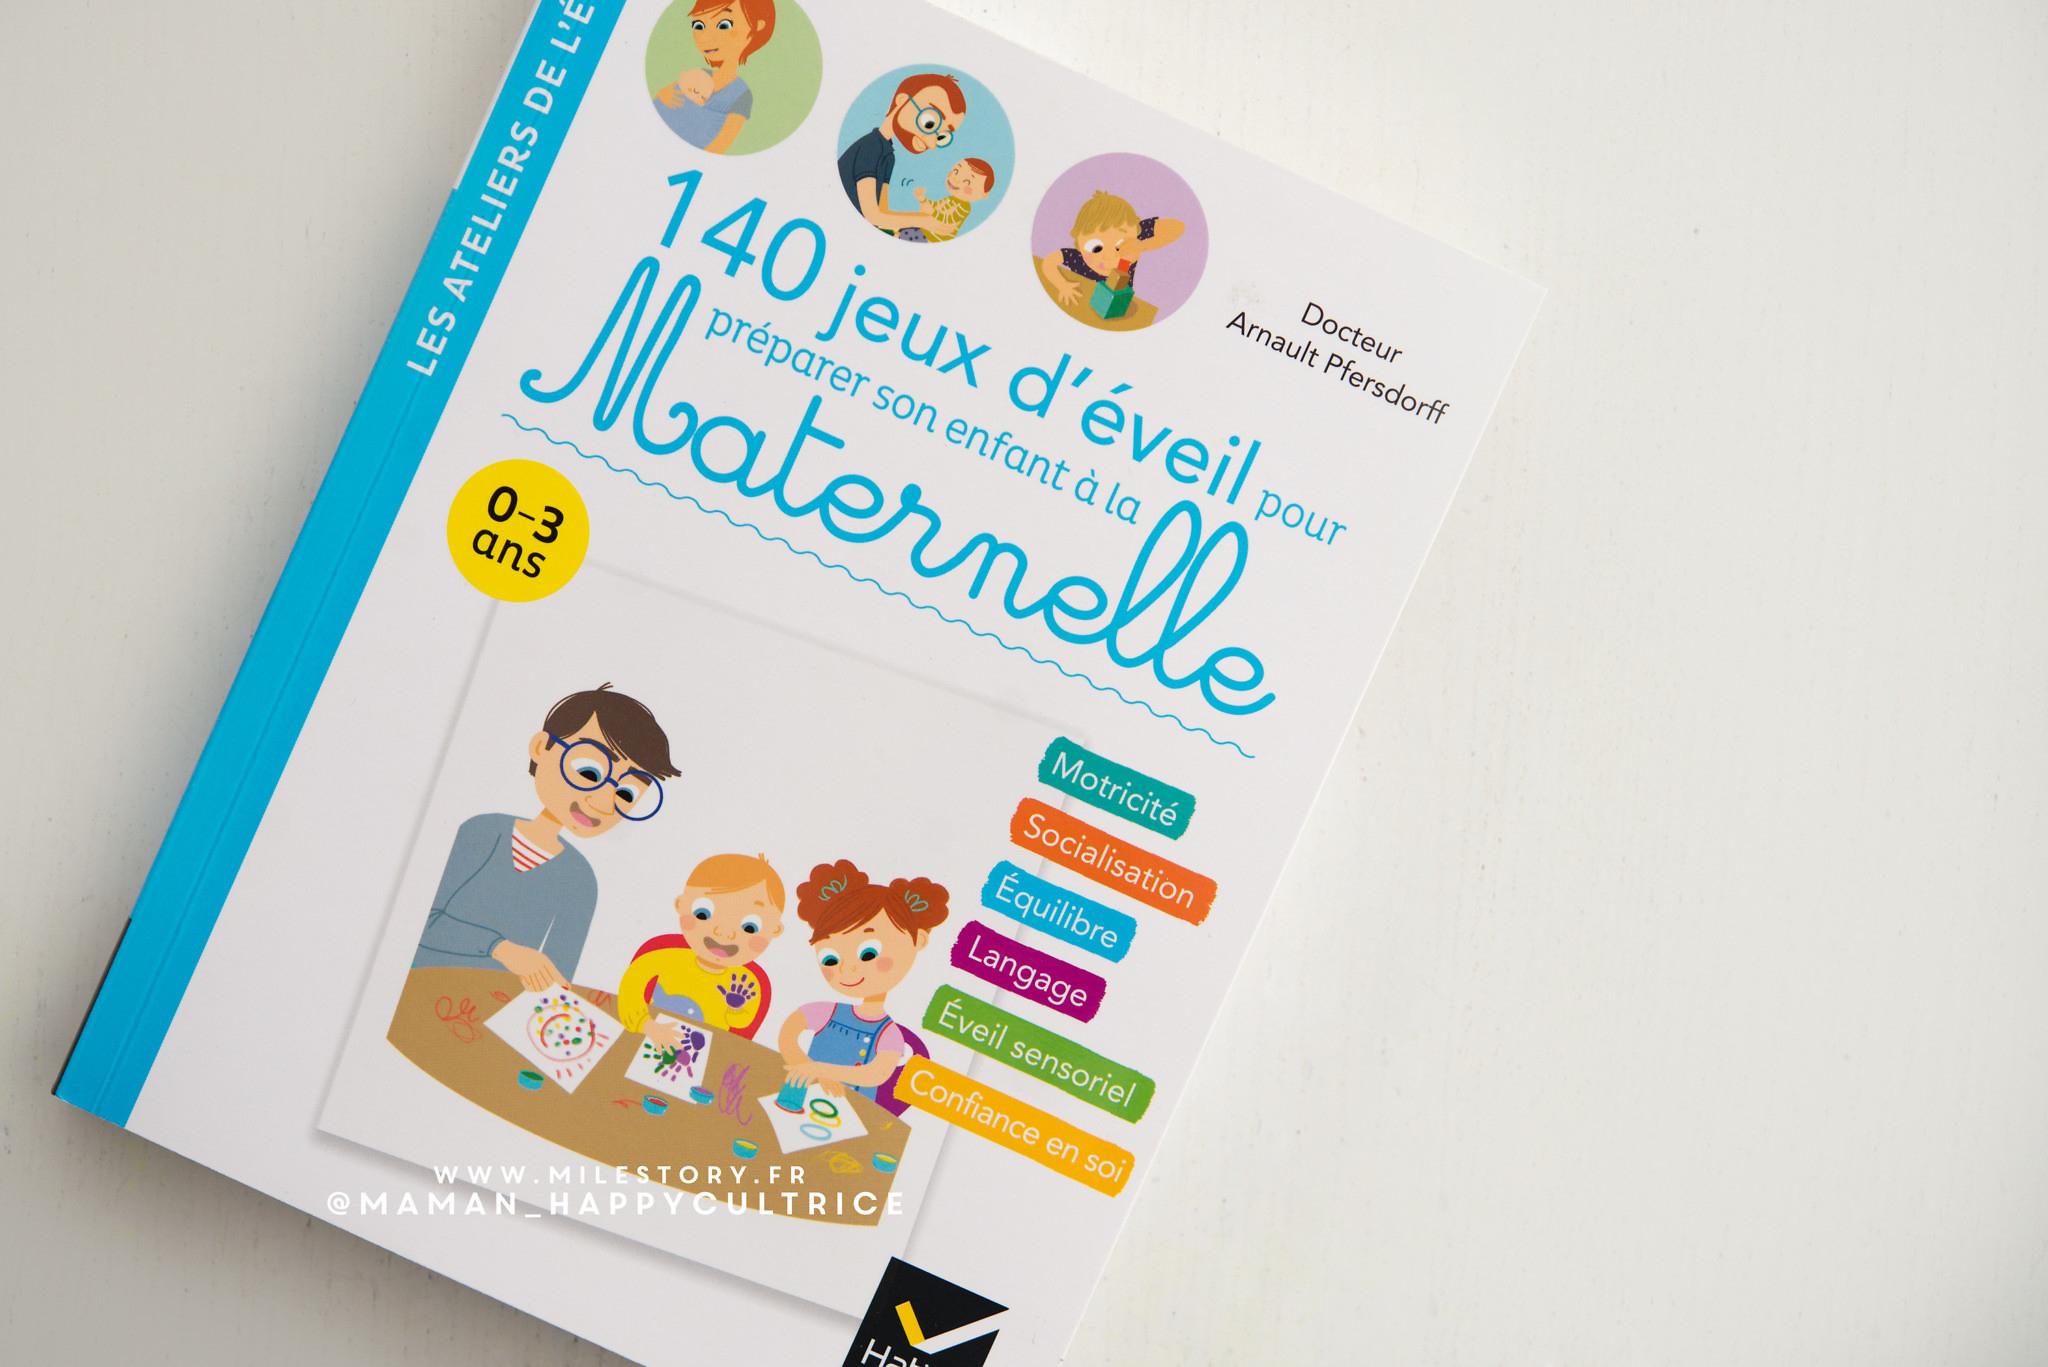 140 Jeux D'éveil Pour Préparer Son Enfant À La Maternelle concernant Jeux Enfant Maternelle